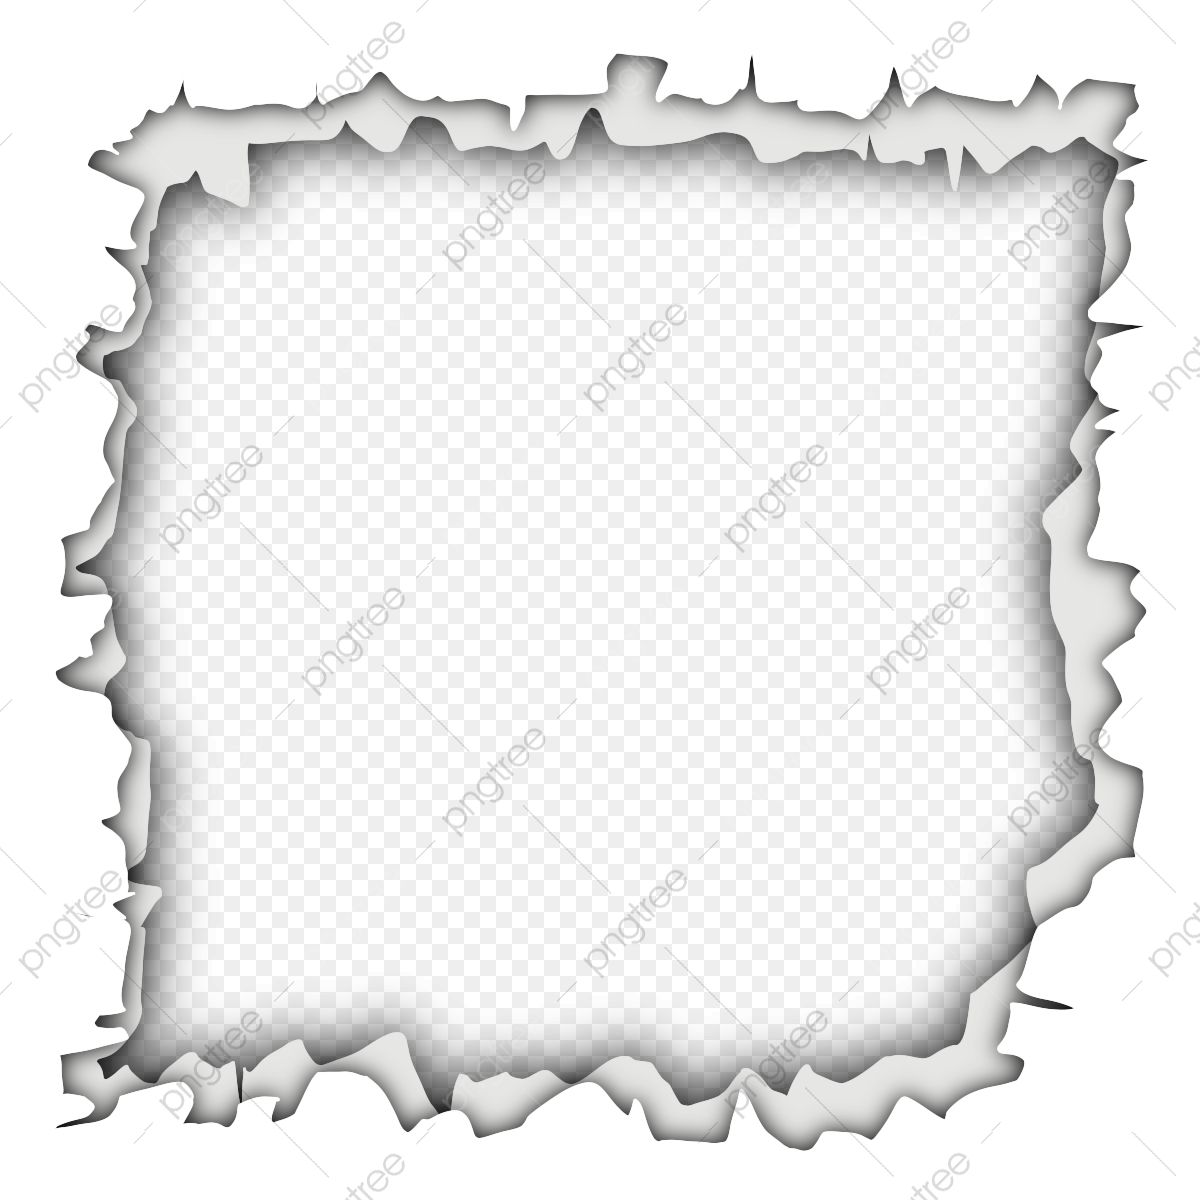 Moldura Vazia Com Papel Rasgado Papel Rasgado Elemento Imagem Png E Psd Para Download Gratuito Torn Paper Empty Frames Flower Frame